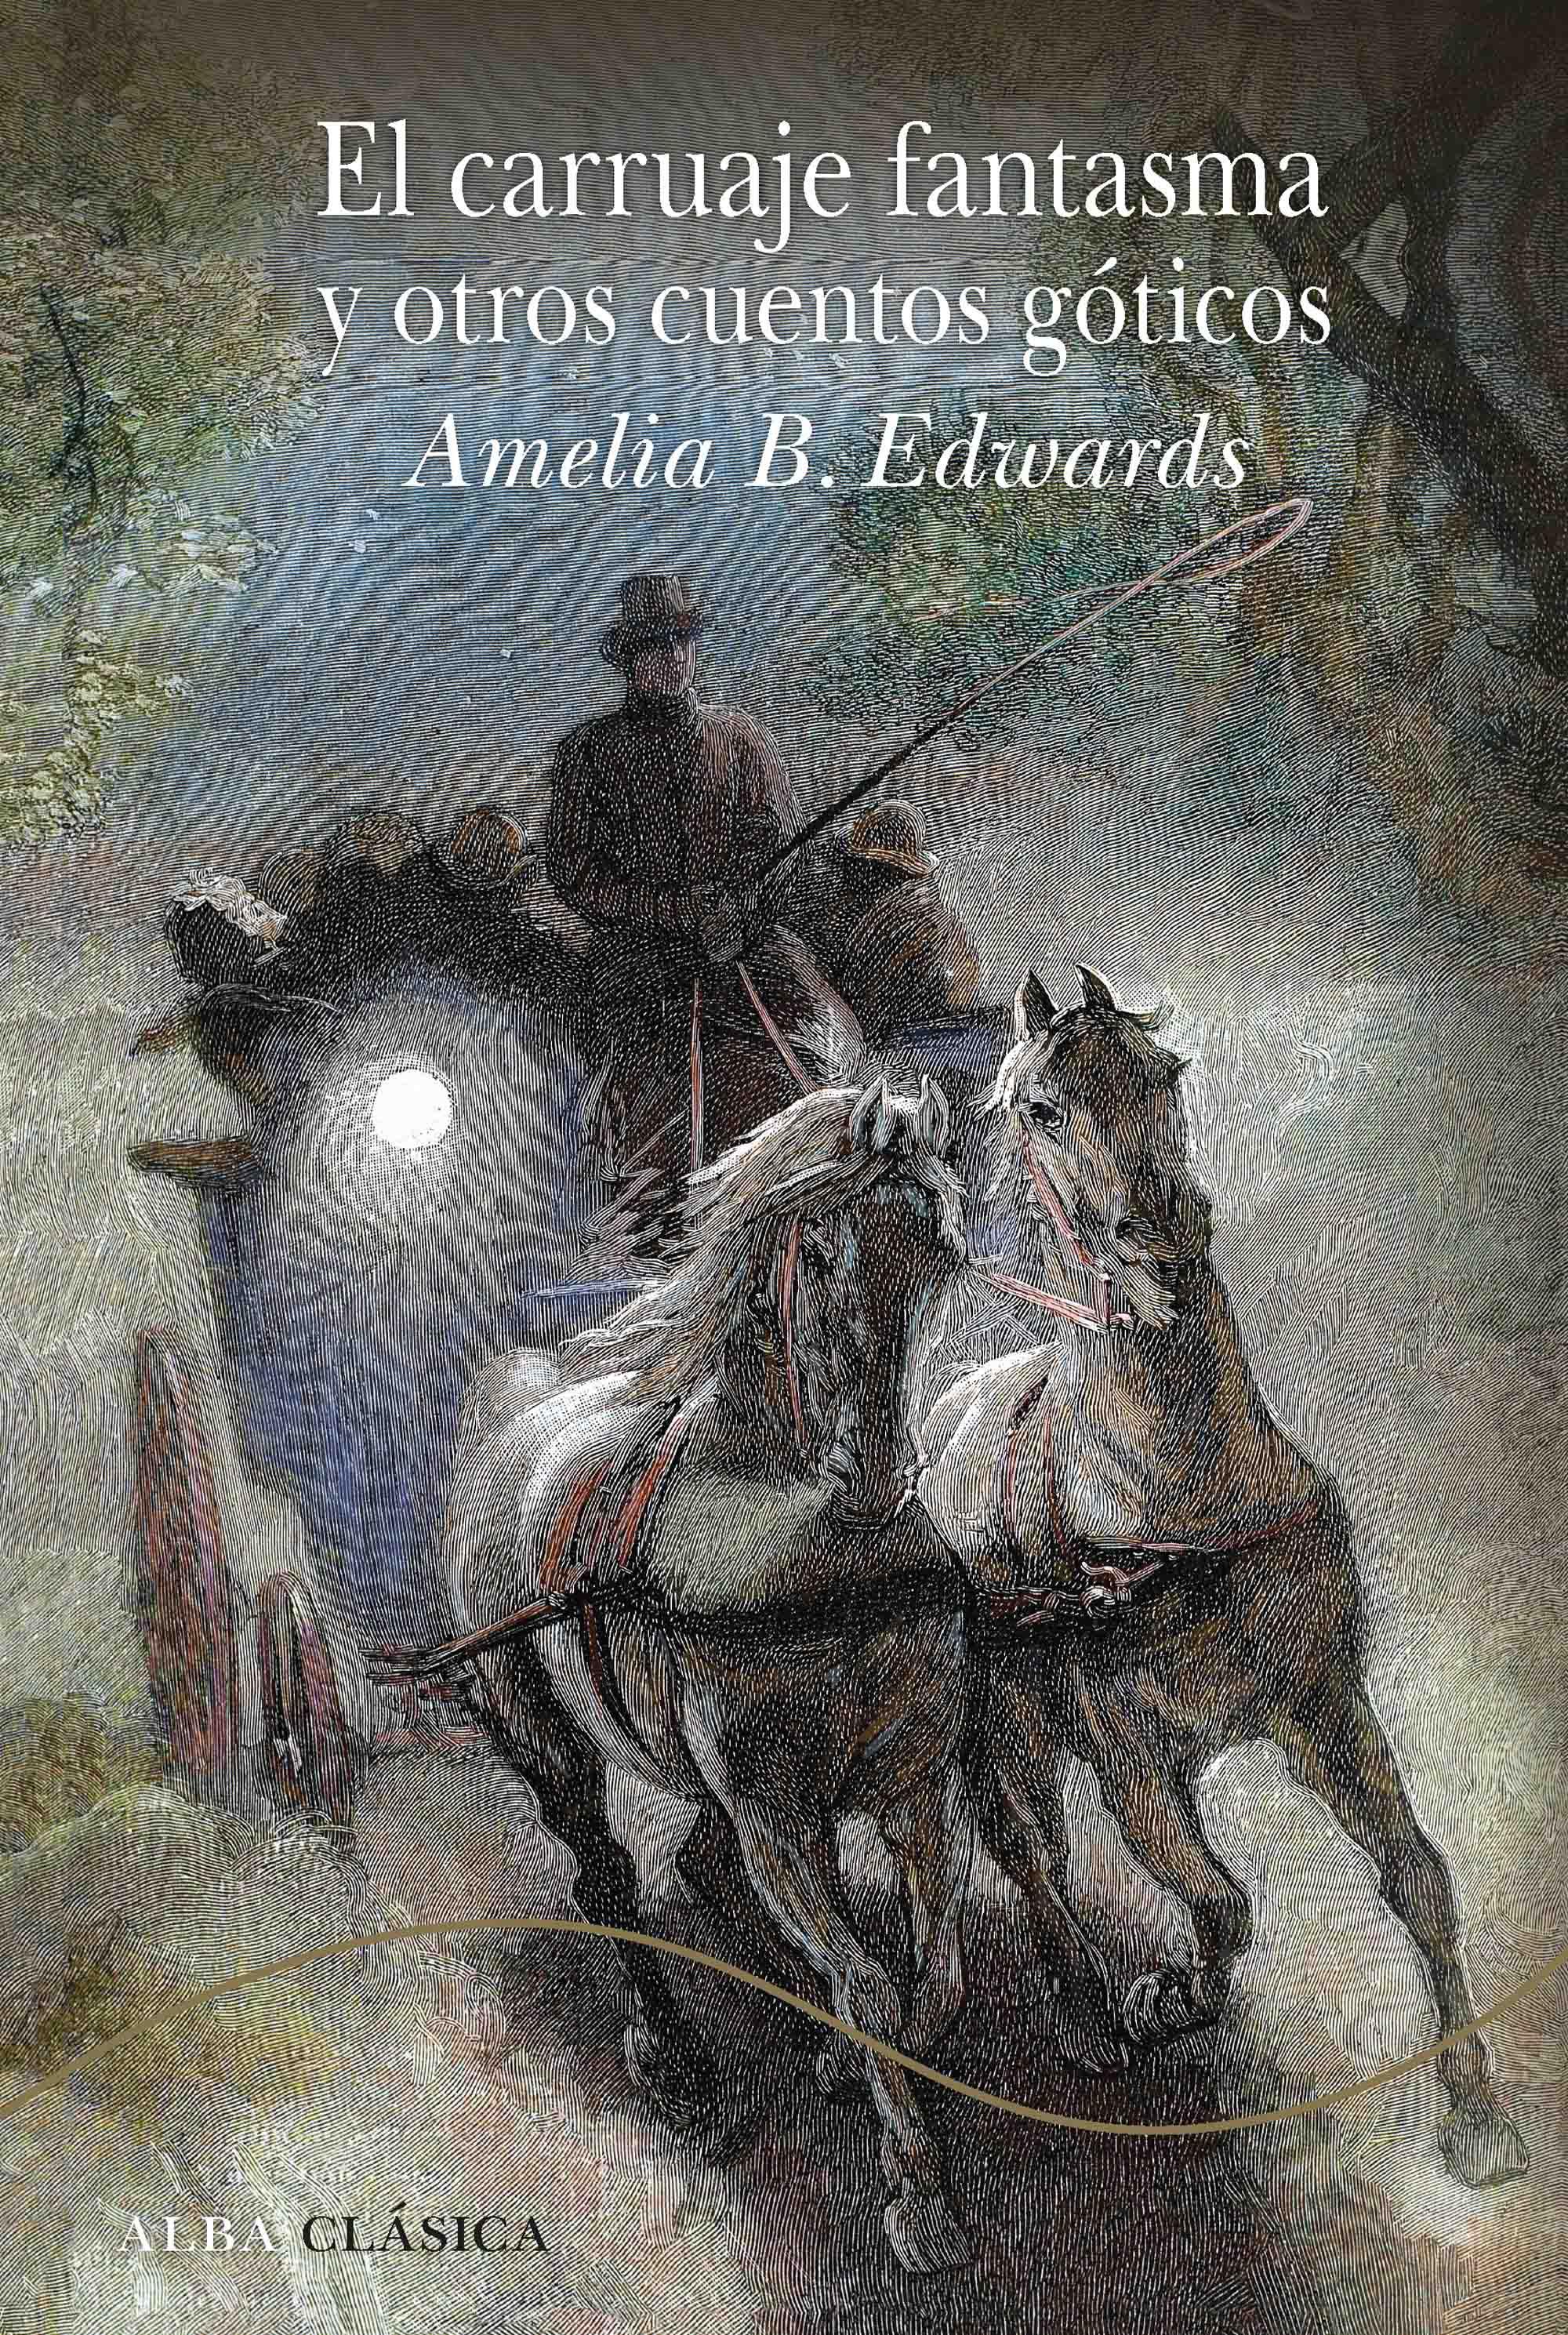 El carruaje fantasma y otros cuentos góticos